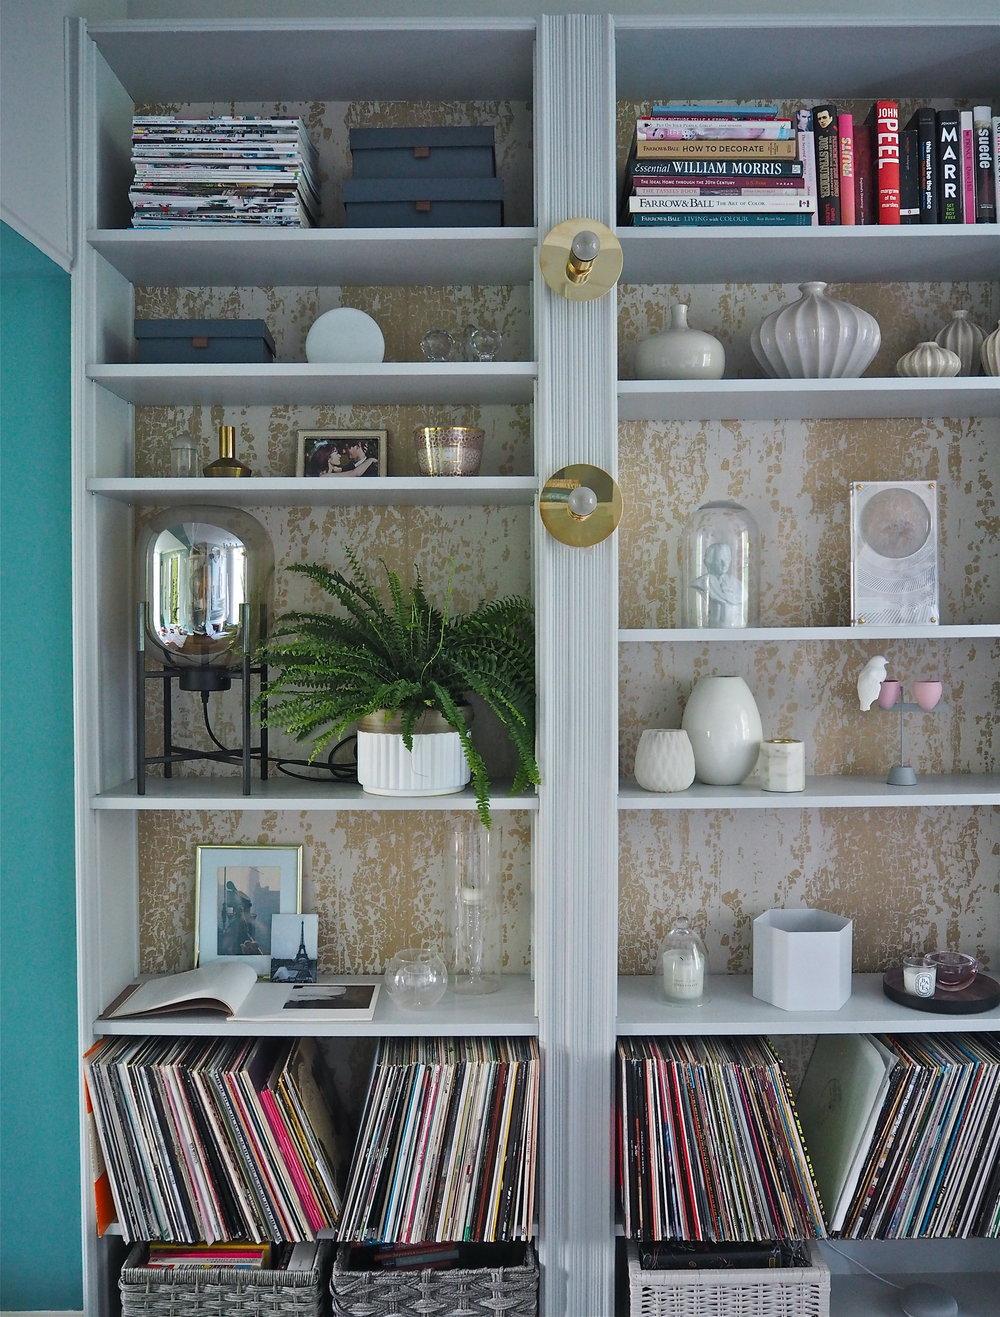 Ikea kast landelijke stijl maken met behang en lijsten